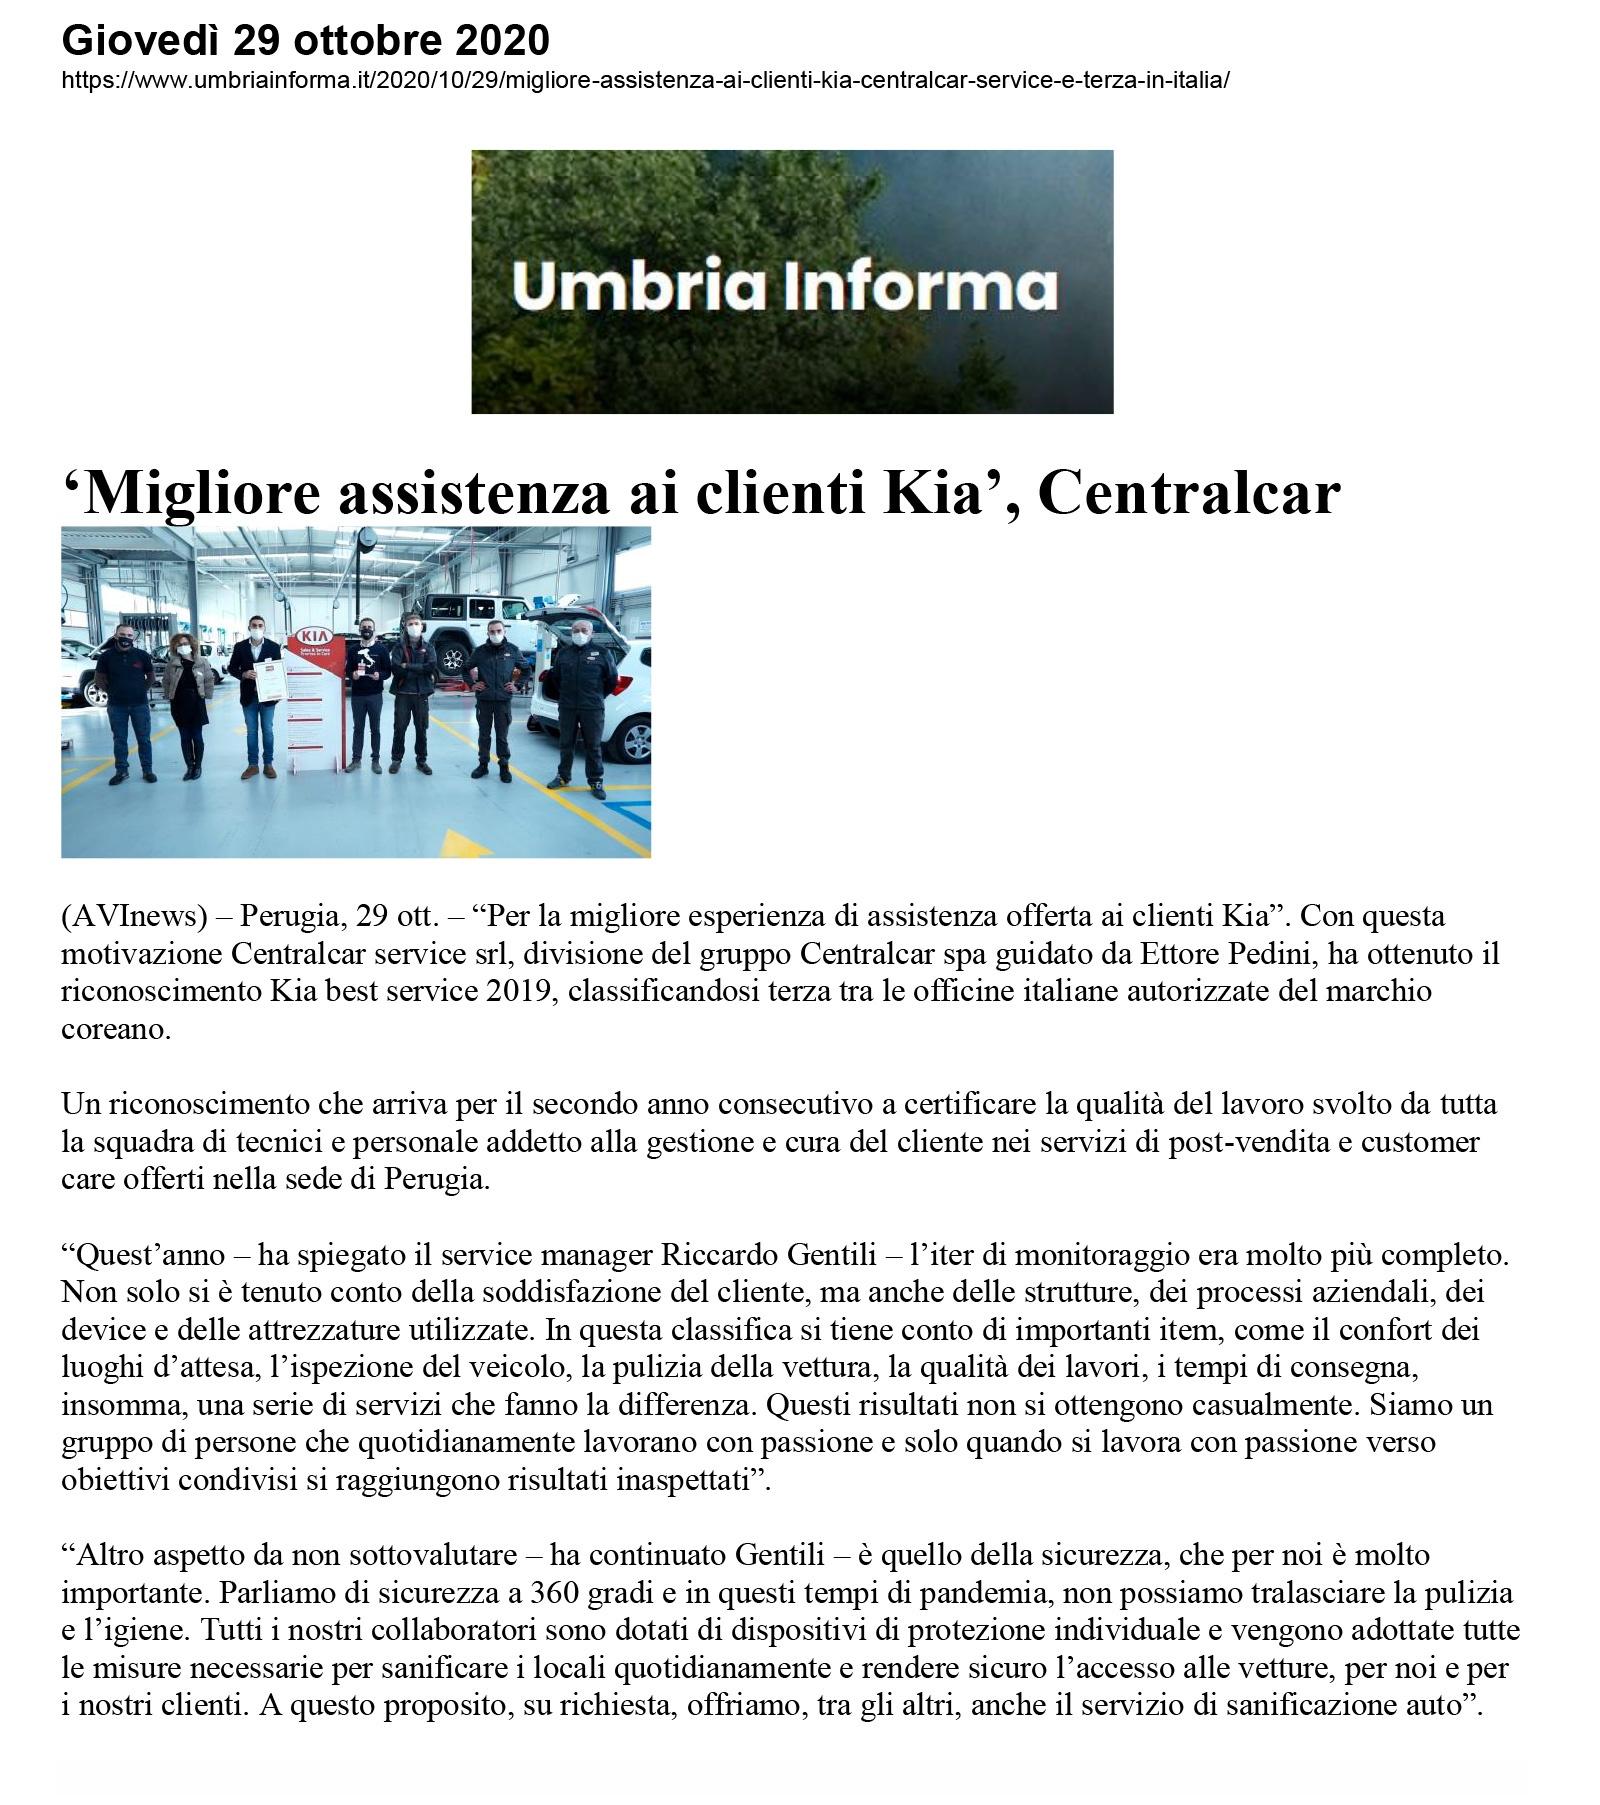 'Migliore assistenza ai clienti Kia', Centralcar